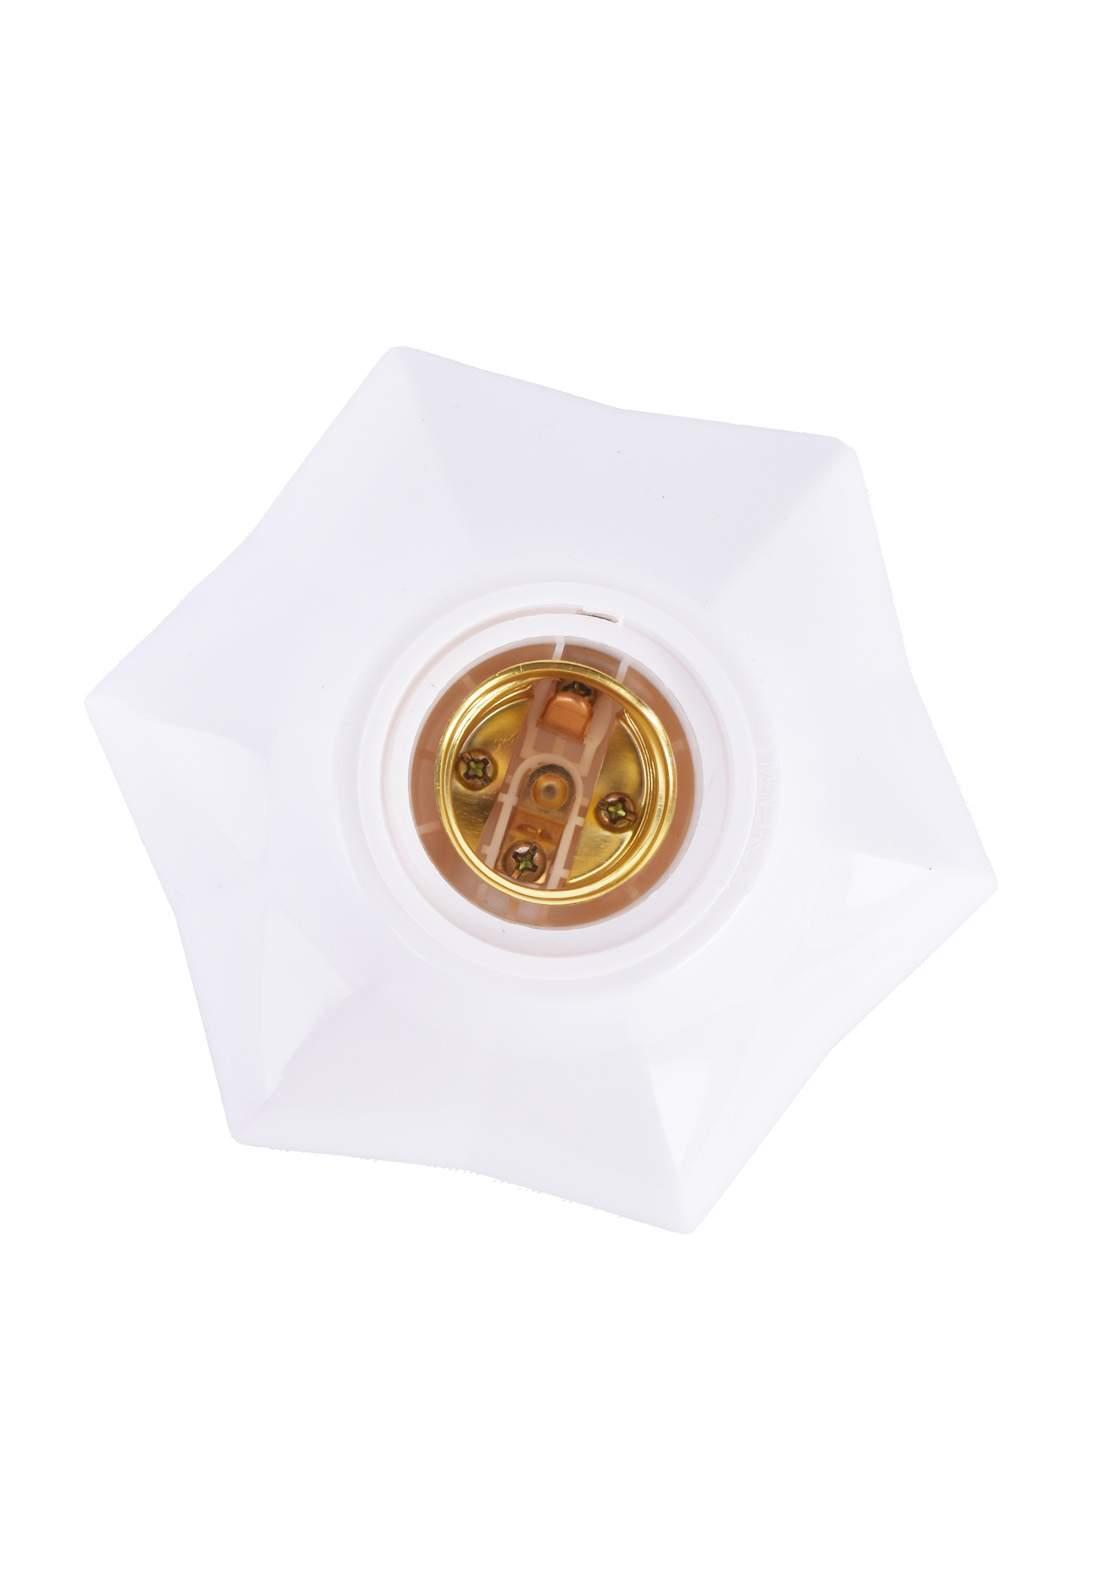 Bg 565 Ceiling Lamp Holder E27 هولدر